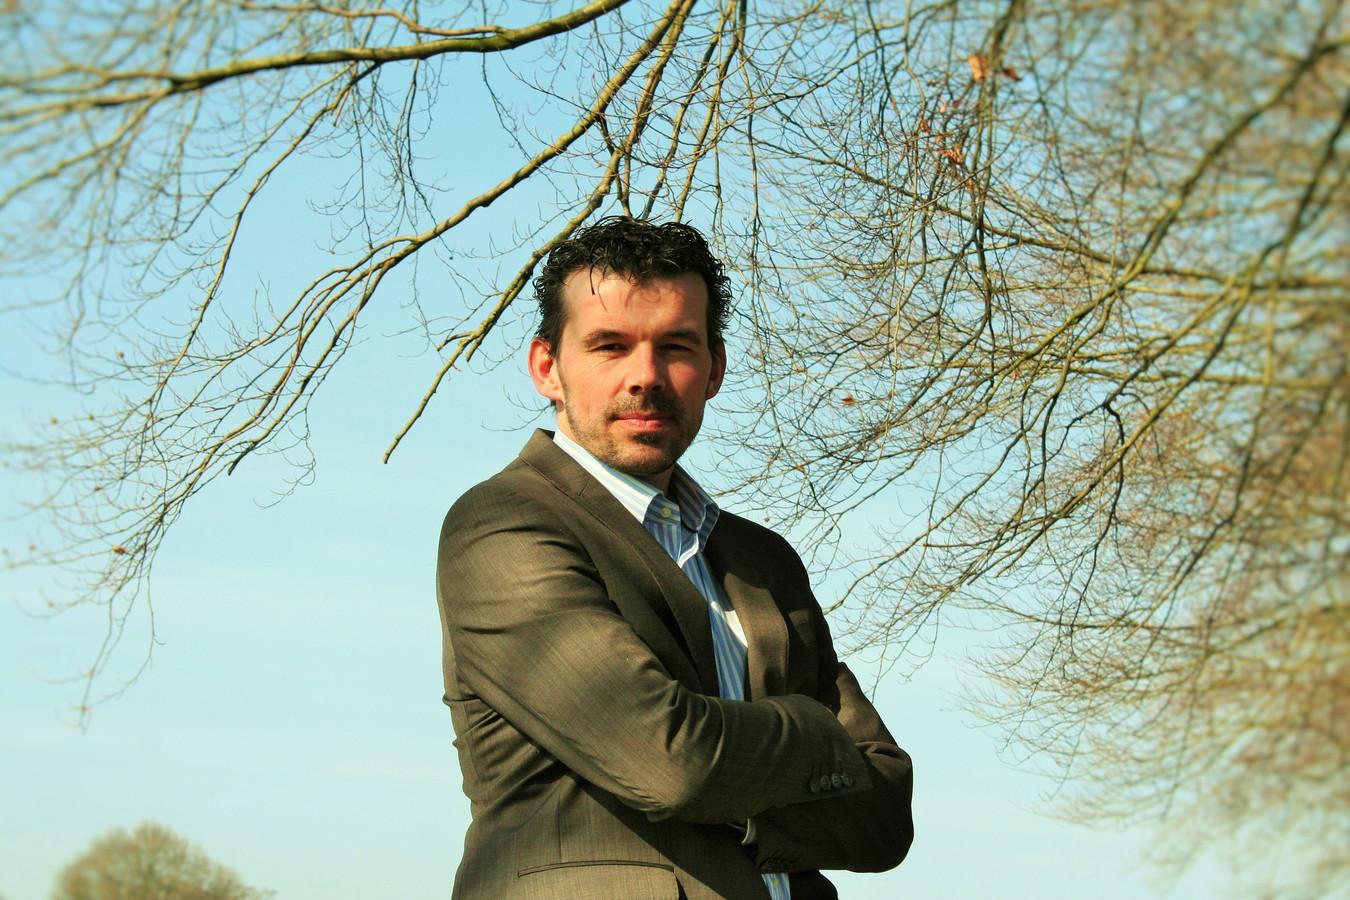 D66-fractievoorzitter in Rijssen-Holten, Herman Klein Velderman , wil niet dat het spreekrecht wordt ingeperkt.